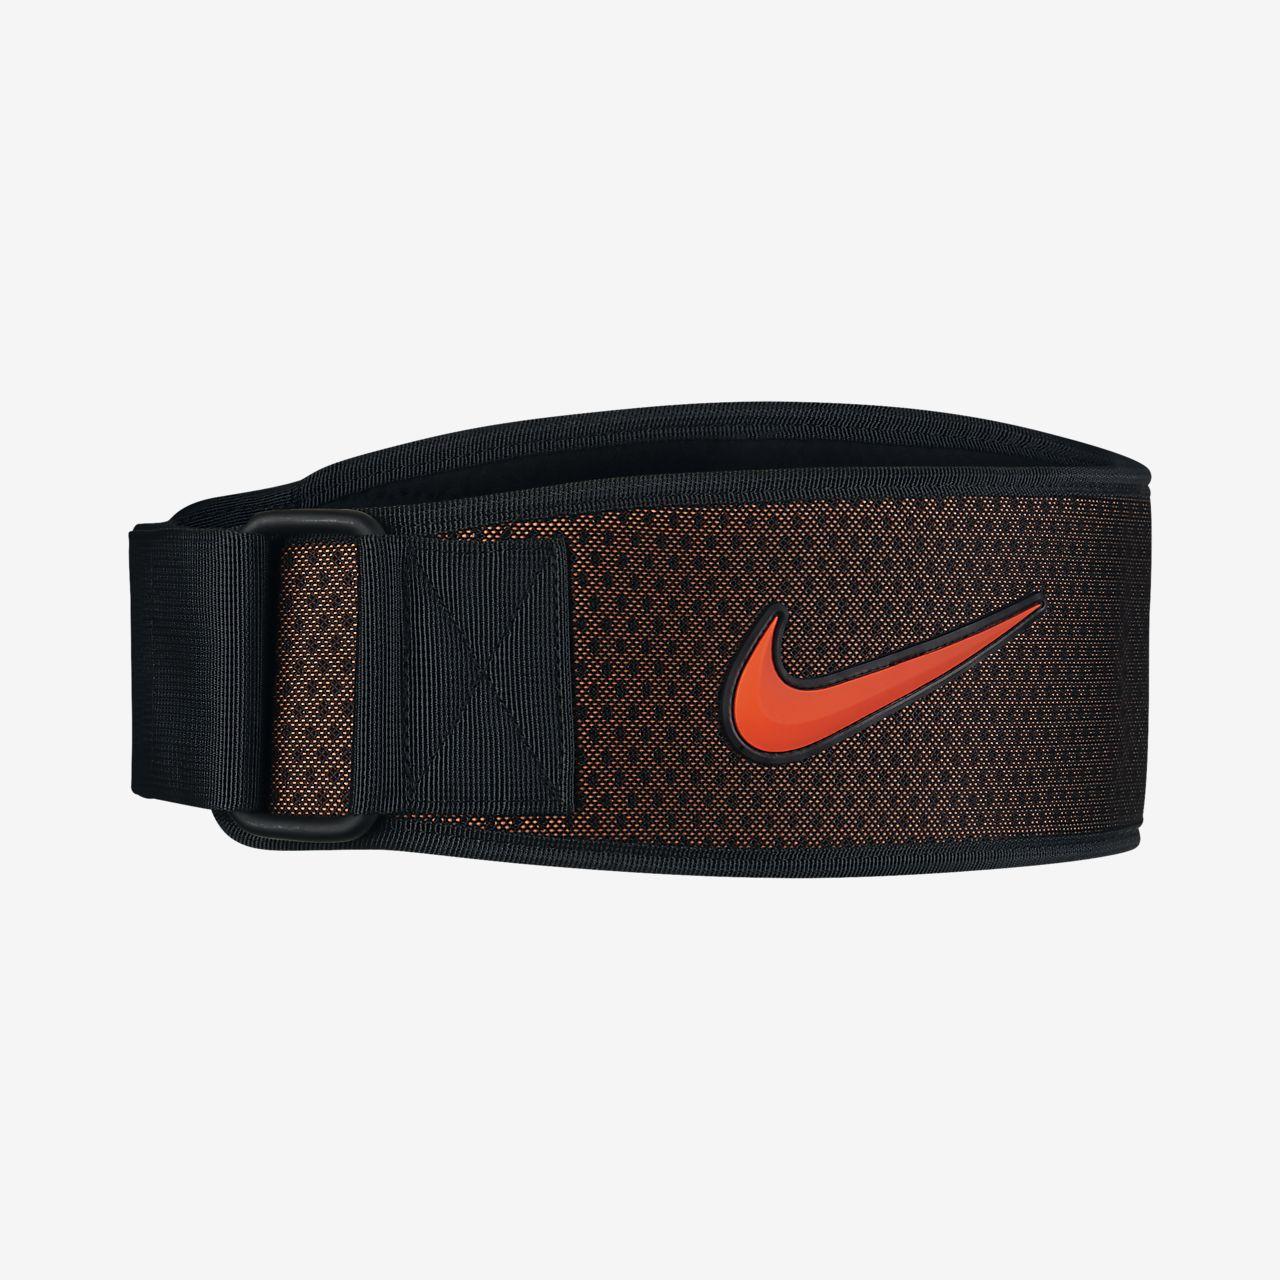 Nike Intensity Herren-Trainingsgürtel